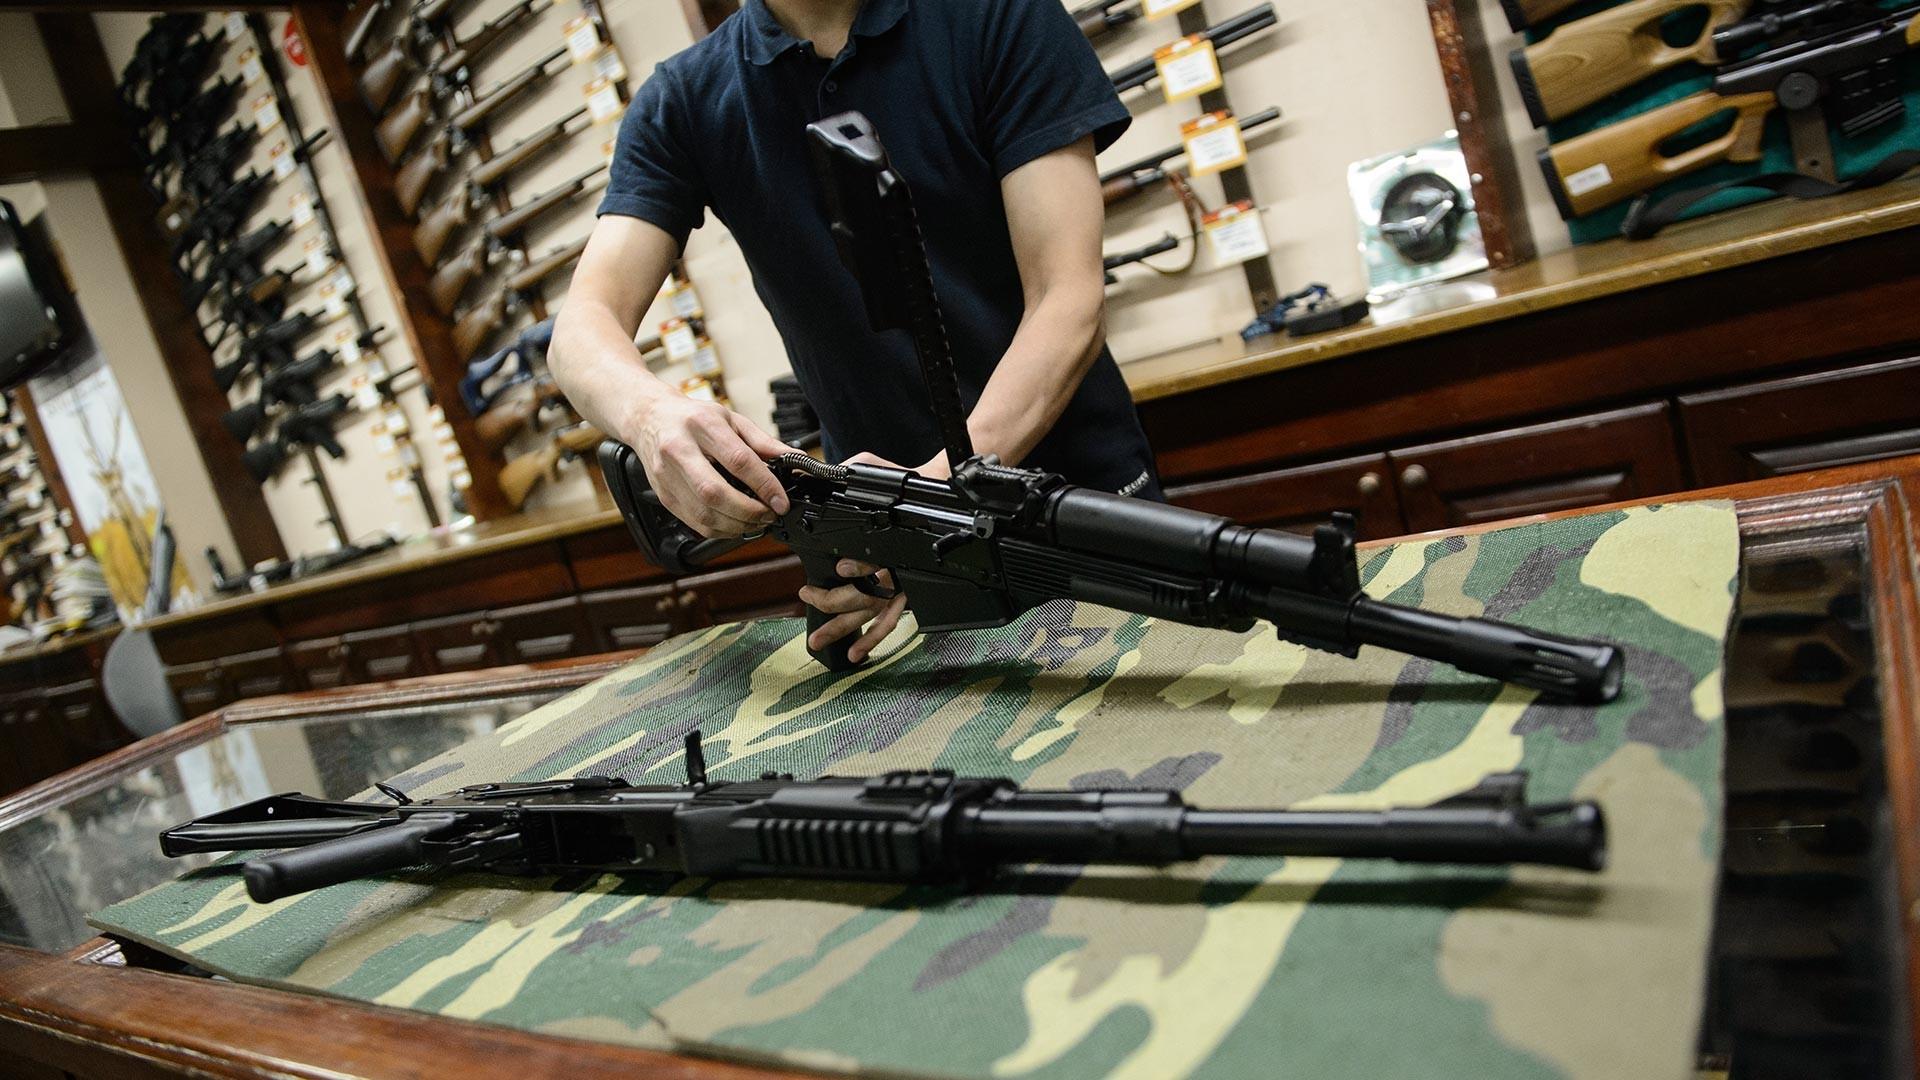 Pomočnik v prodajalni z orožjem v Čeljabinsku razstavlja puško.